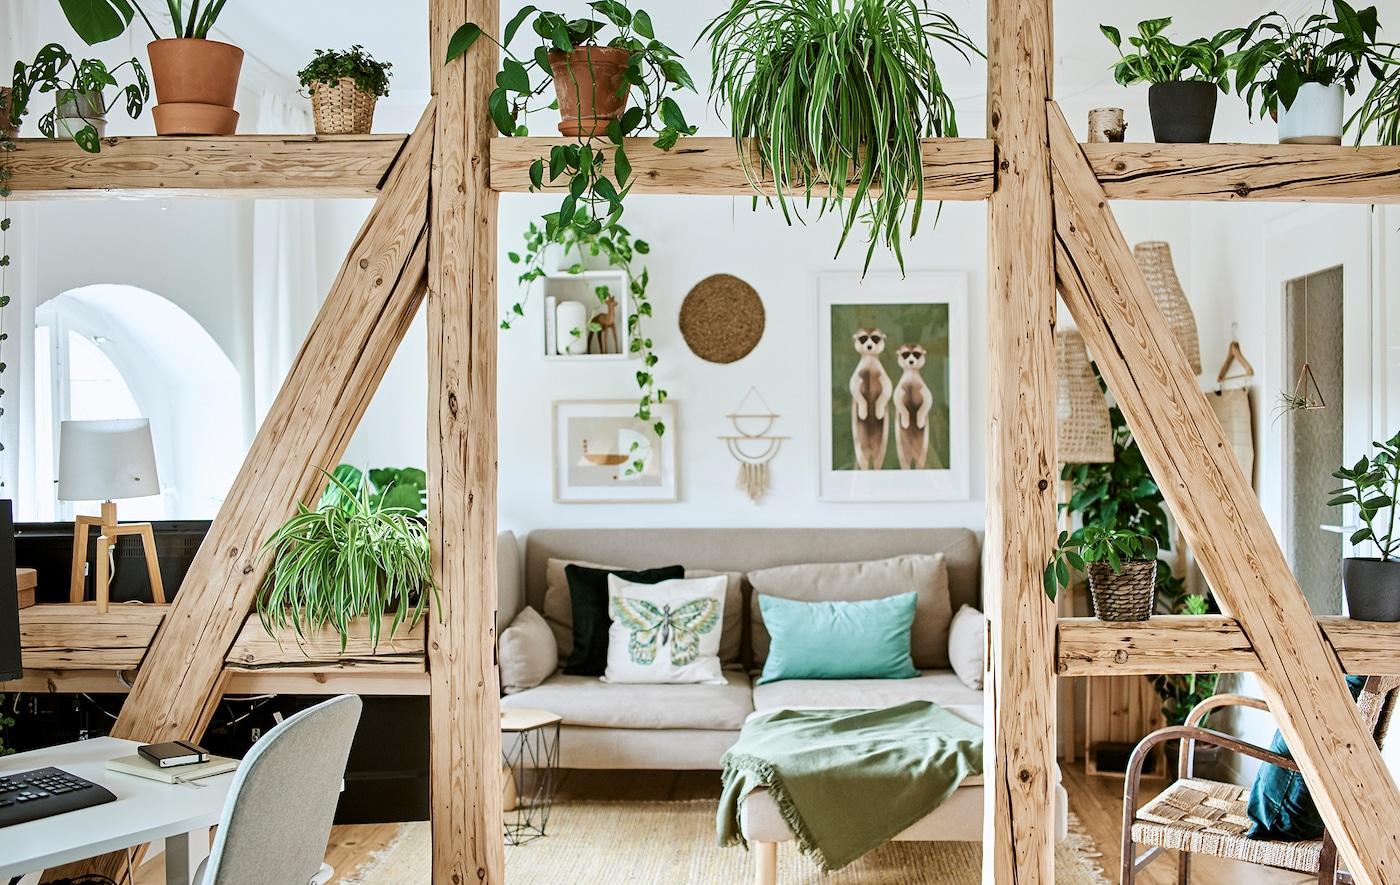 Sala com um sofá bege e almofadas verdes junto a uma parede com imagens, vigas de madeira numa estrutura em forma de A e plantas a dividir o espaço de trabalho.